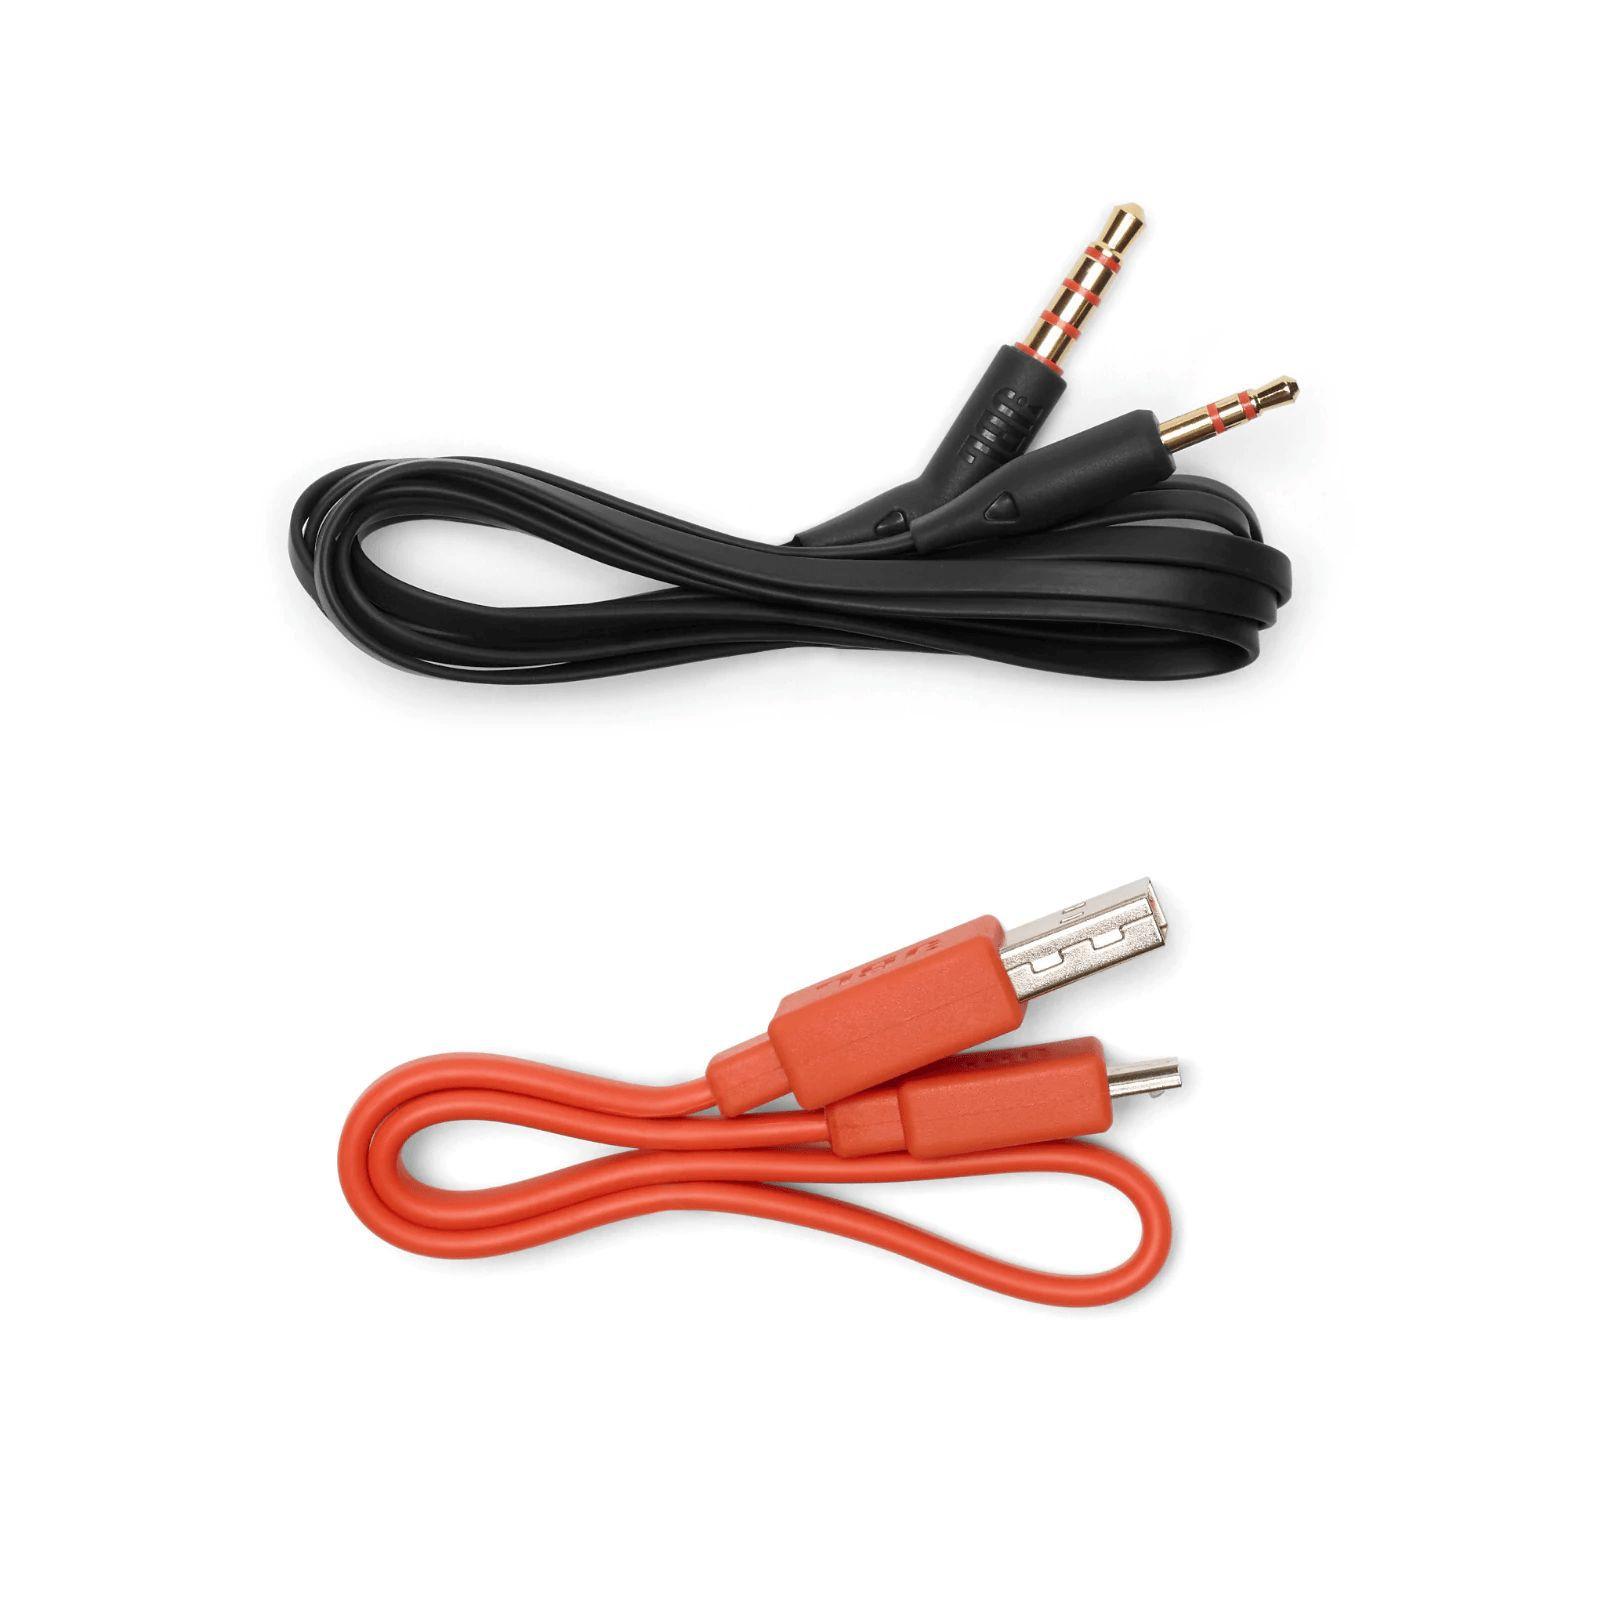 Fone de Ouvido Bluetooth JBL Tune 750BTNC - Preto JBLT750BTNCBLK